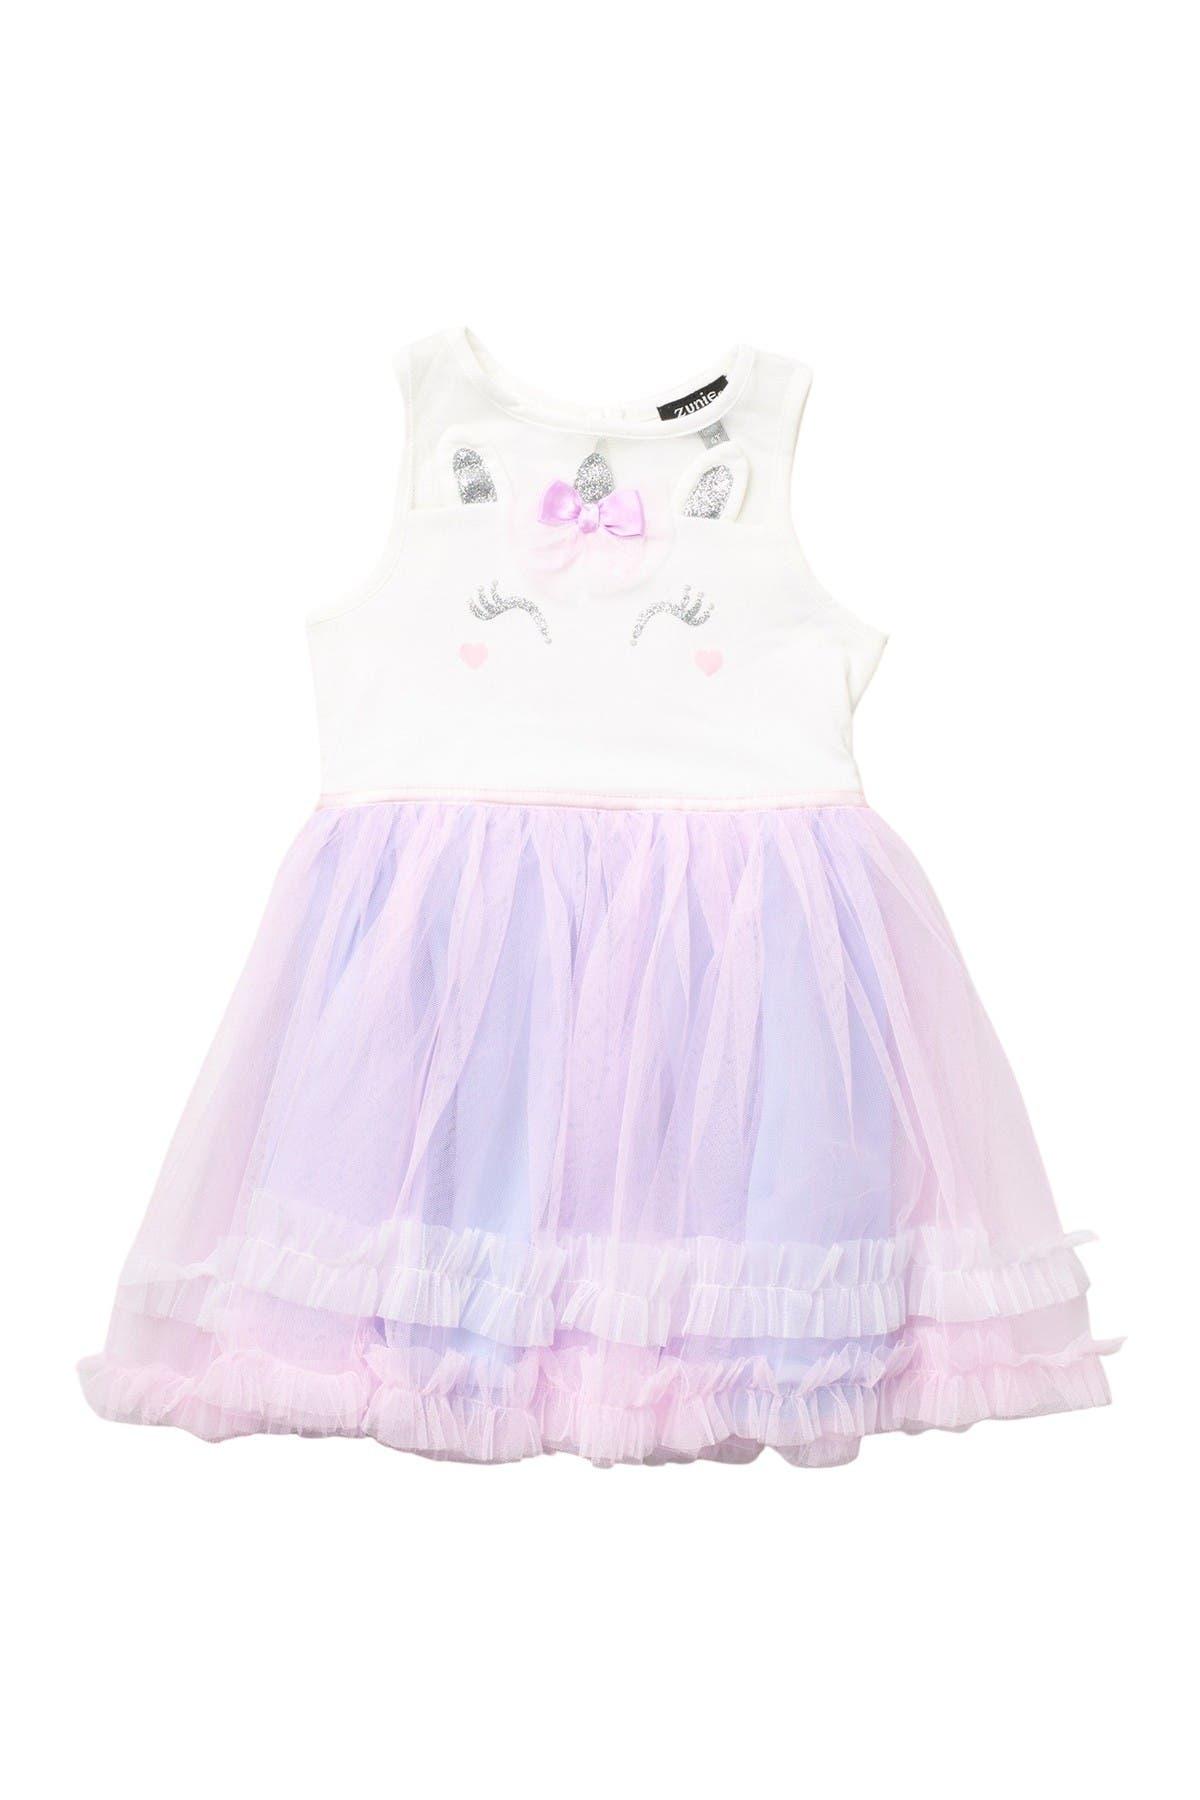 Image of Zunie Sleeveless Ruffle Skirt Dress